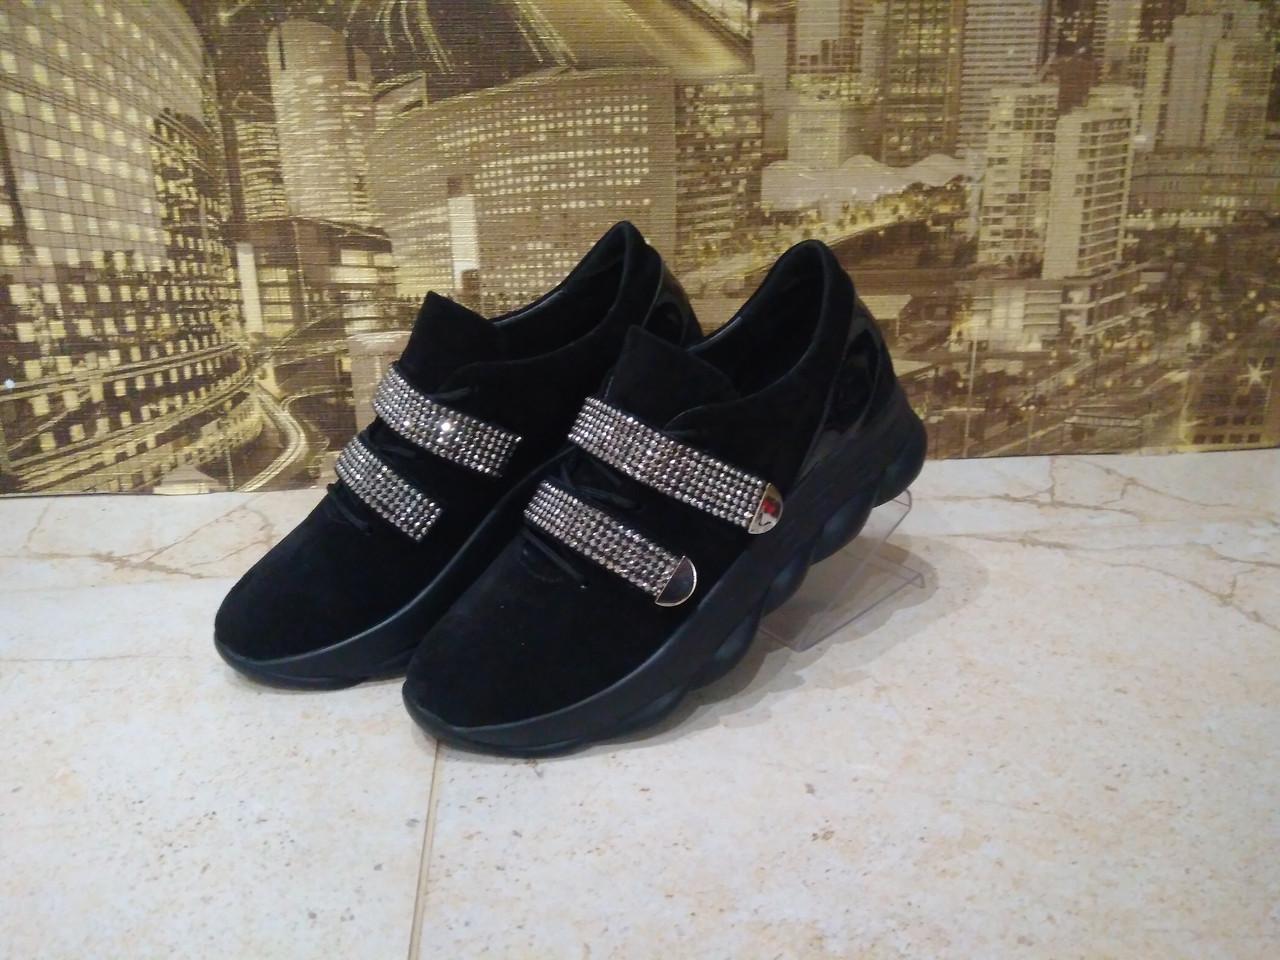 dd928583c Женские кроссовки кожаные модные 36-40 черный: продажа, цена в ...